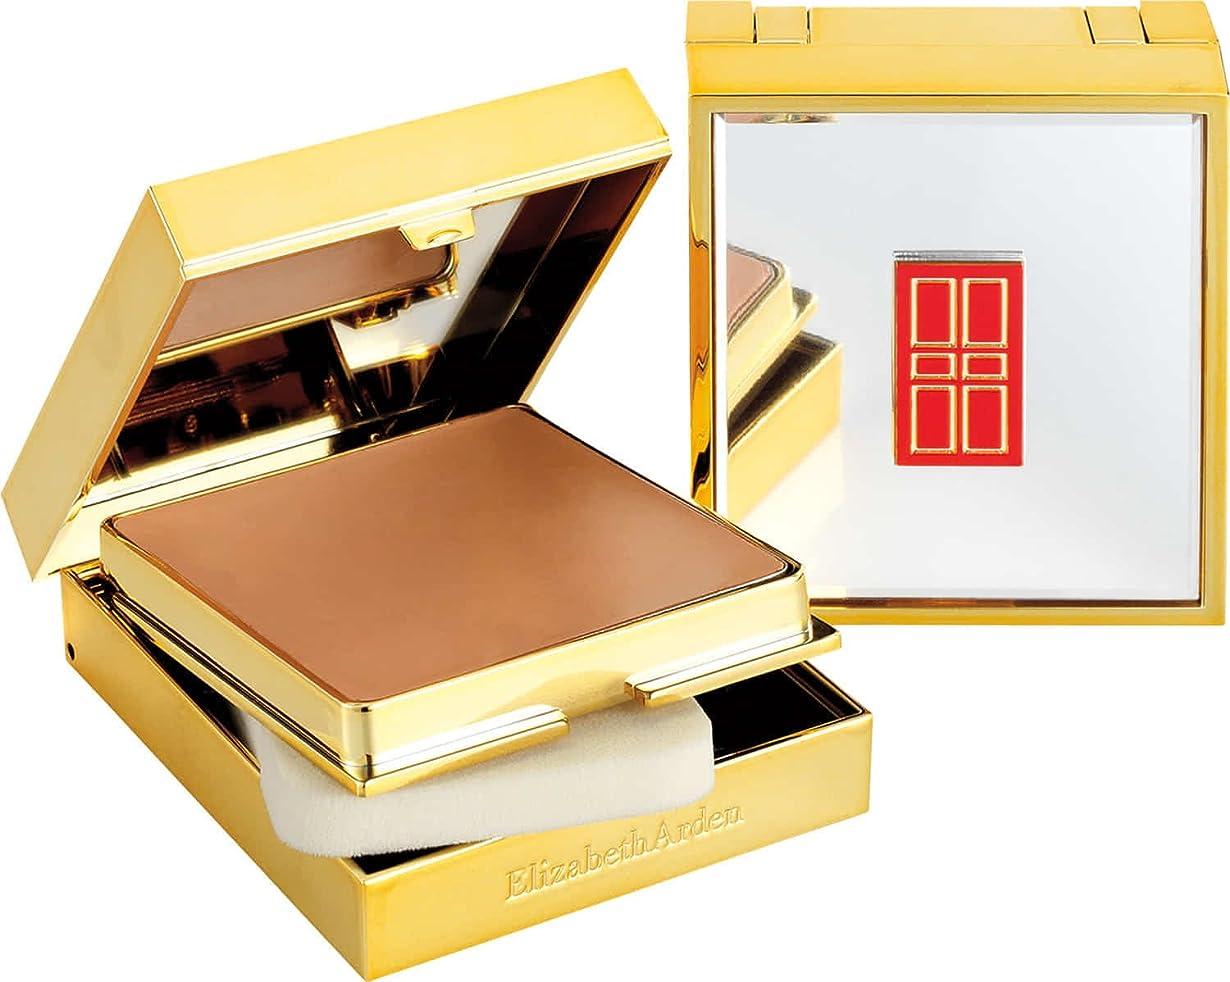 救援憂鬱なエリザベスアーデン フローレスフィニッシュ スポンジオン クリームメイクアップ (ゴールドケース) - 52 ブロンズベージュ II 23g/0.08oz並行輸入品